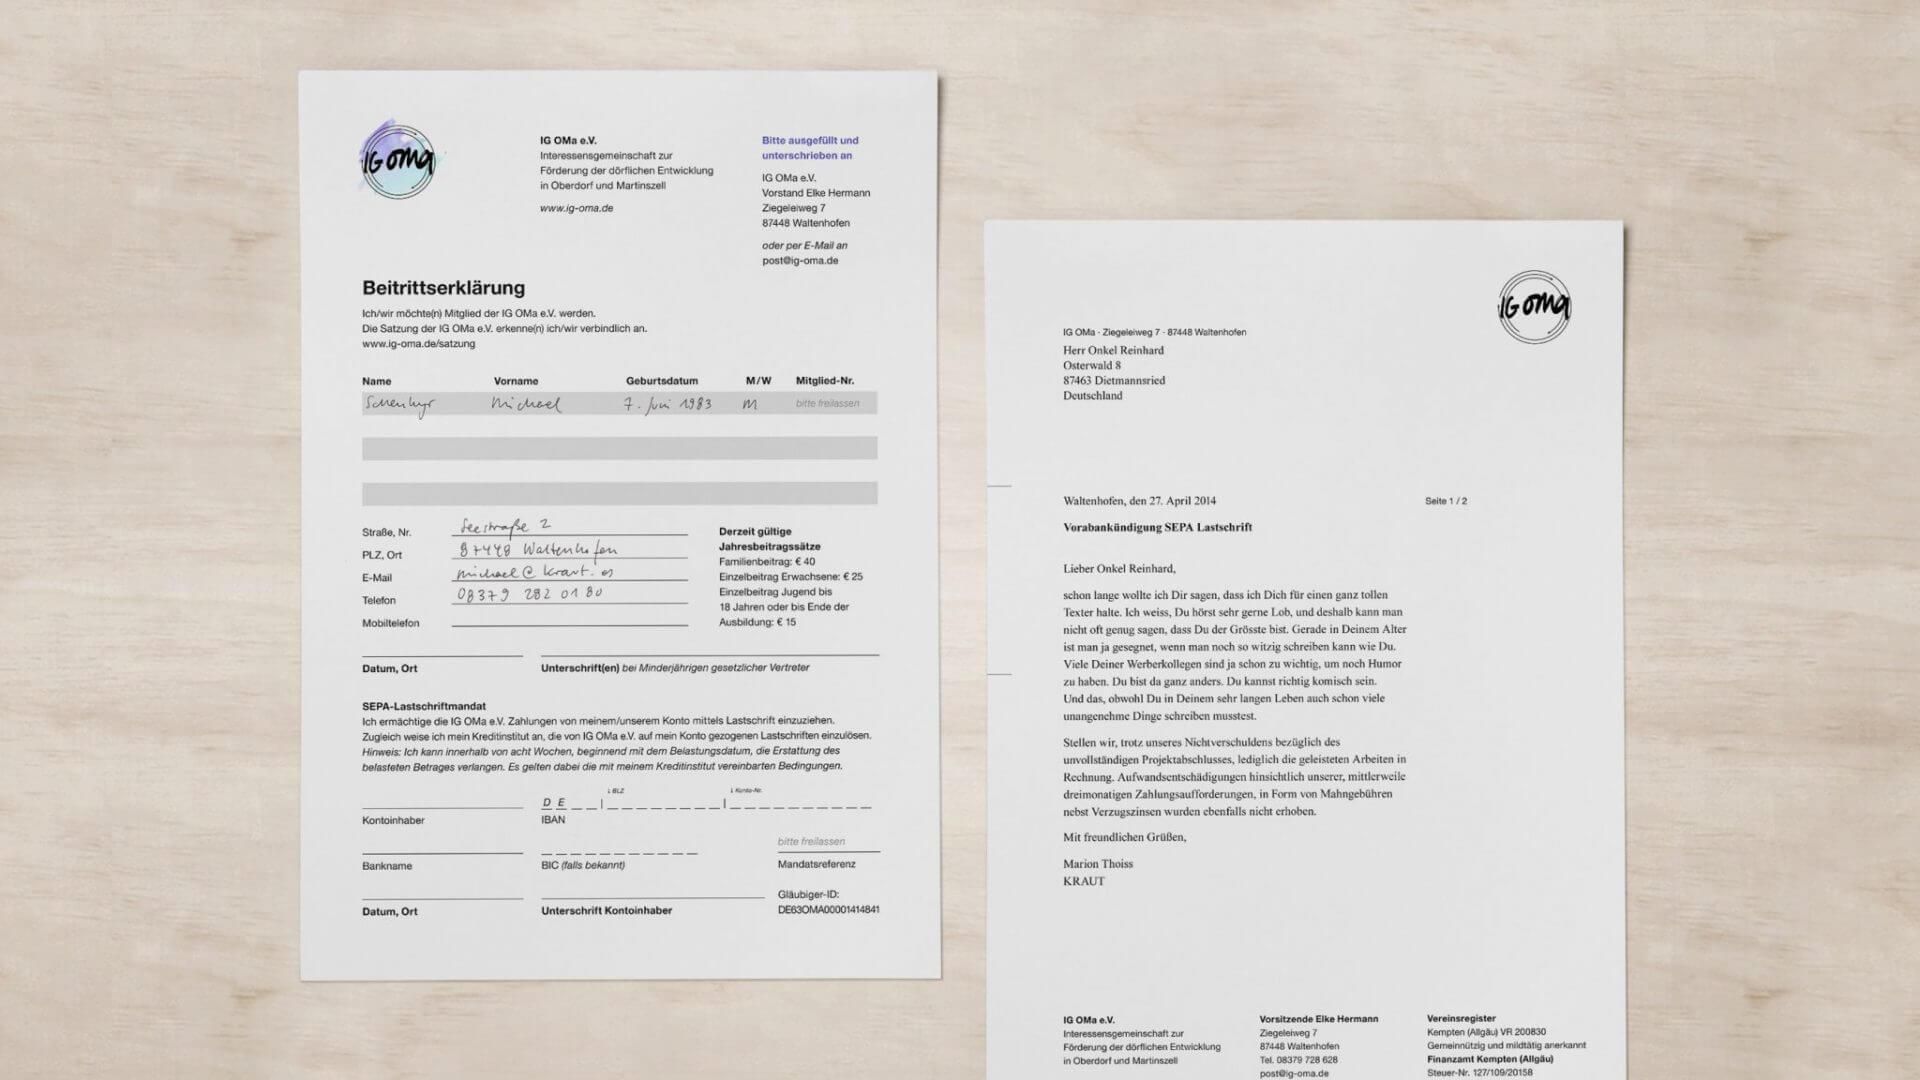 Geschäftsaustattung, Beitrittserklärungen und Briefbogen für die IG OMa